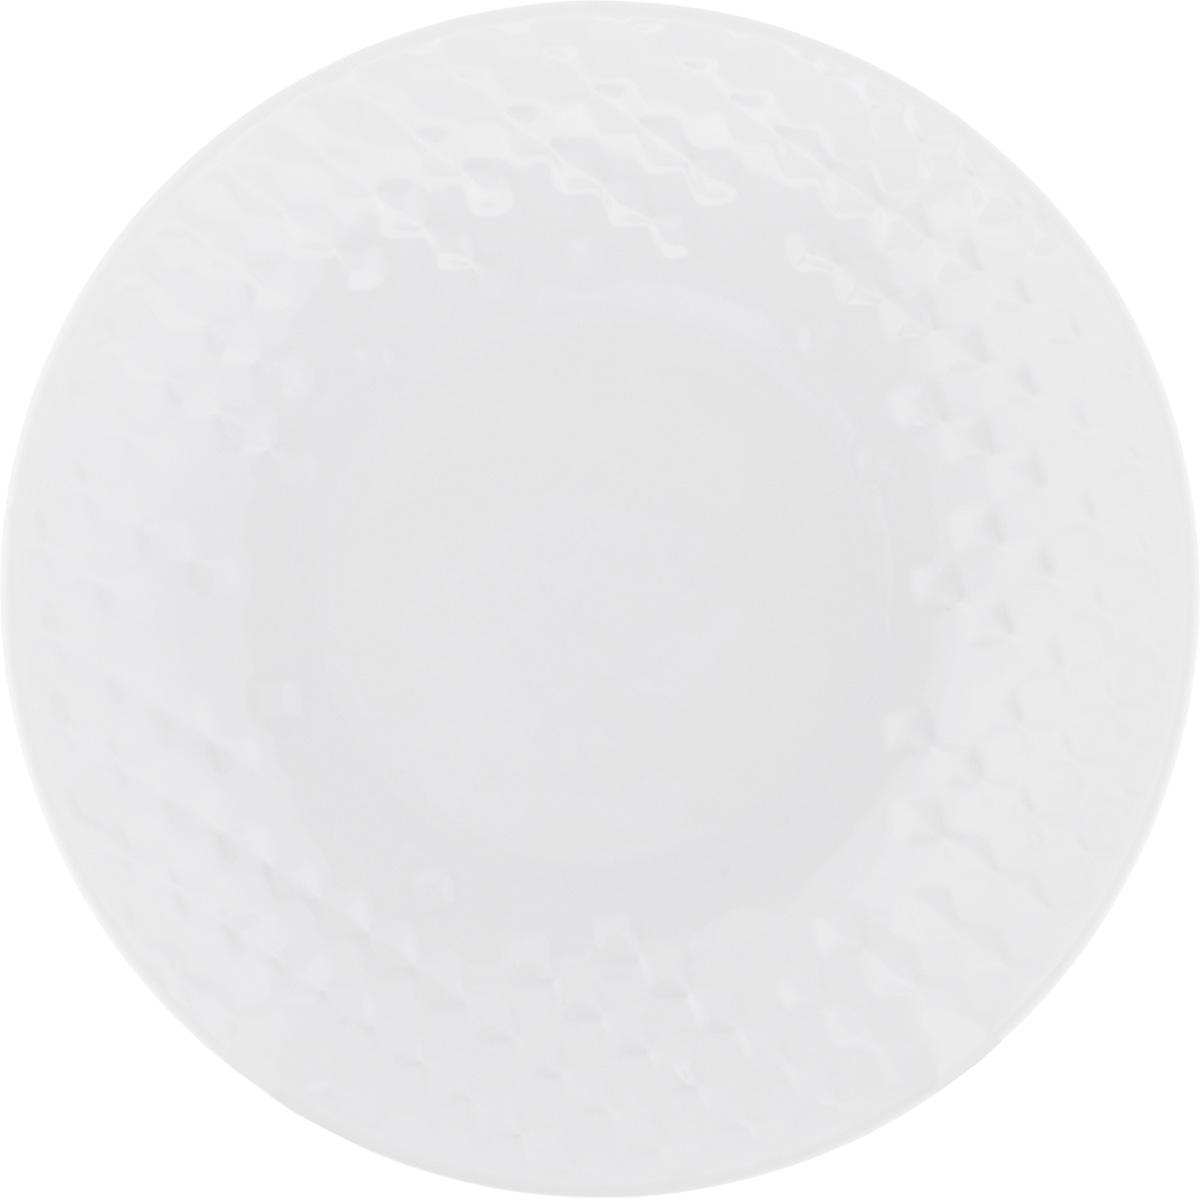 Тарелка суповая Walmer Sapphire, цвет: белый, диаметр 21 смVT-1520(SR)Суповая тарелка Walmer Sapphire, выполненная из высококачественного фарфора, декорирована объемным рельефным орнаментом. Изящный дизайн придется по вкусу и ценителям классики, и тем, кто предпочитает утонченность. Суповая тарелка Walmer Sapphire, идеально подойдет для сервировки стола и станет отличным подарком к любому празднику.Можно использовать в микроволновой печи и мыть в посудомоечных машинах.Диаметр тарелки (по верхнему краю): 21 см.Высота стенки: 3,5 см.